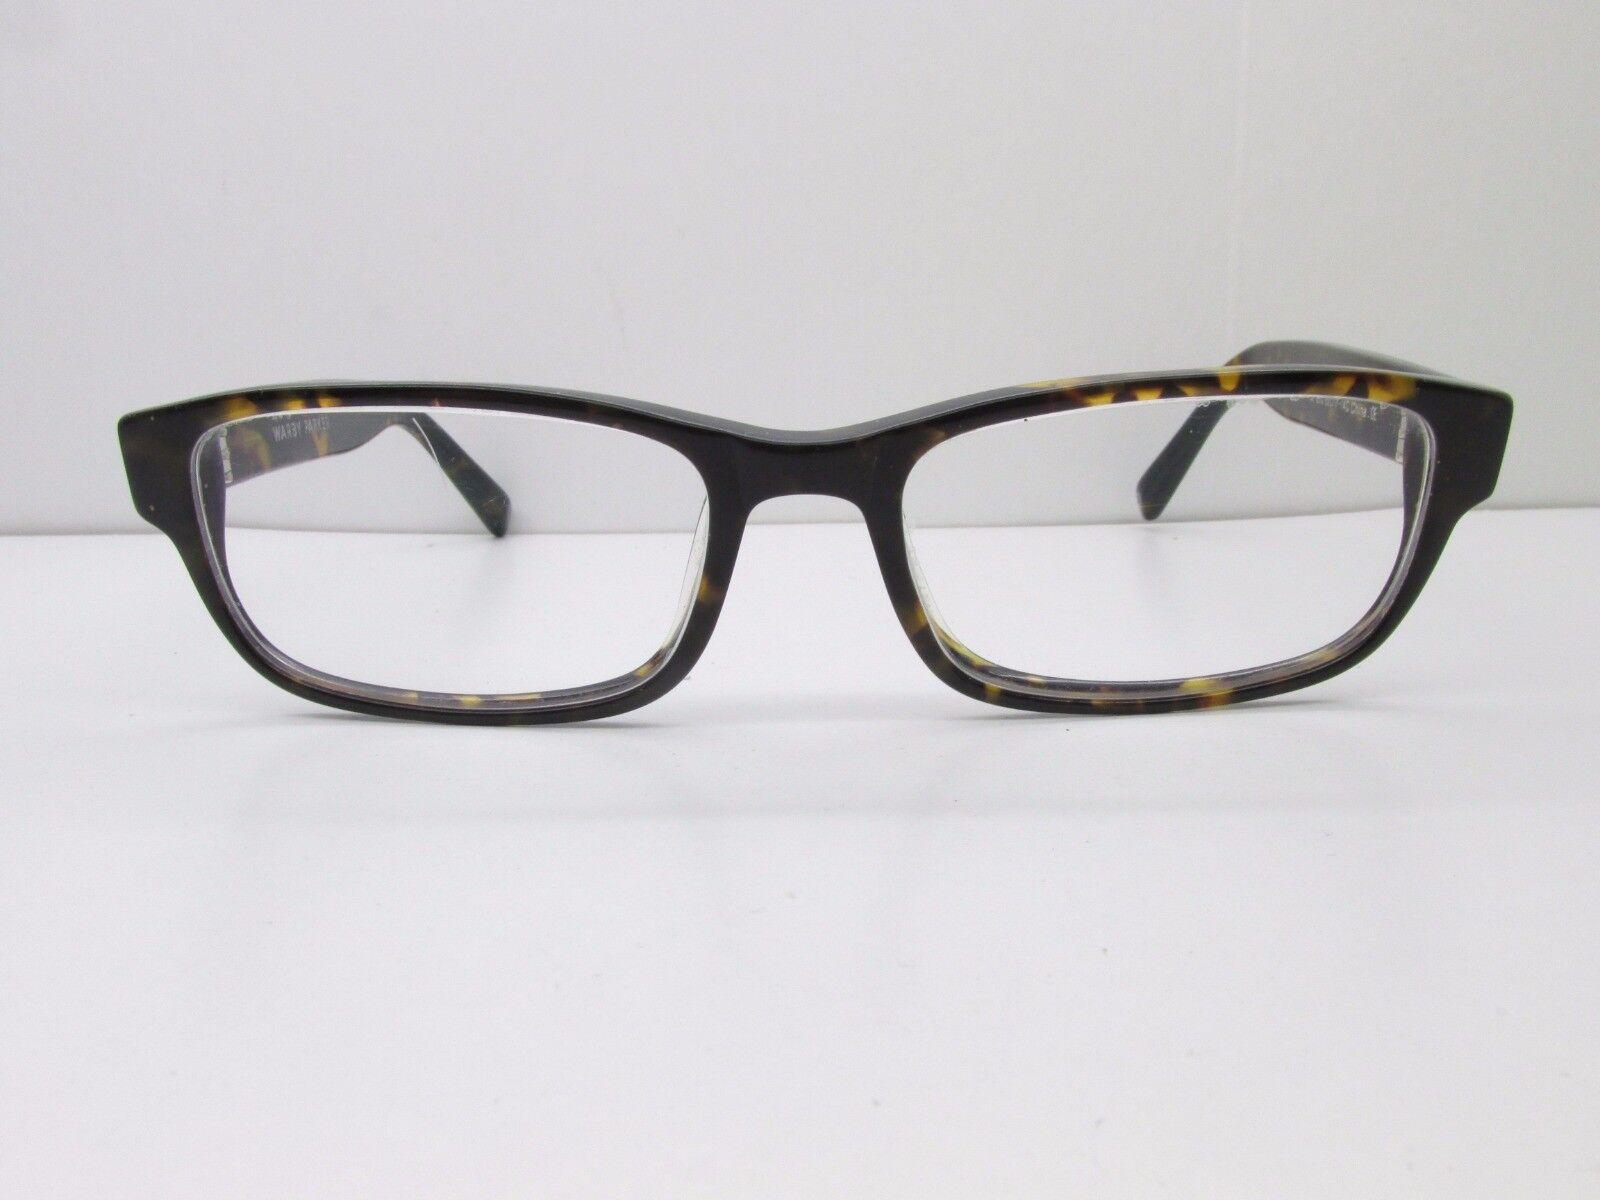 b7ec6985081 Warby Parker Fitz 200 Eyeglasses Frames 52-17-140 Whiskey Tortoise ...